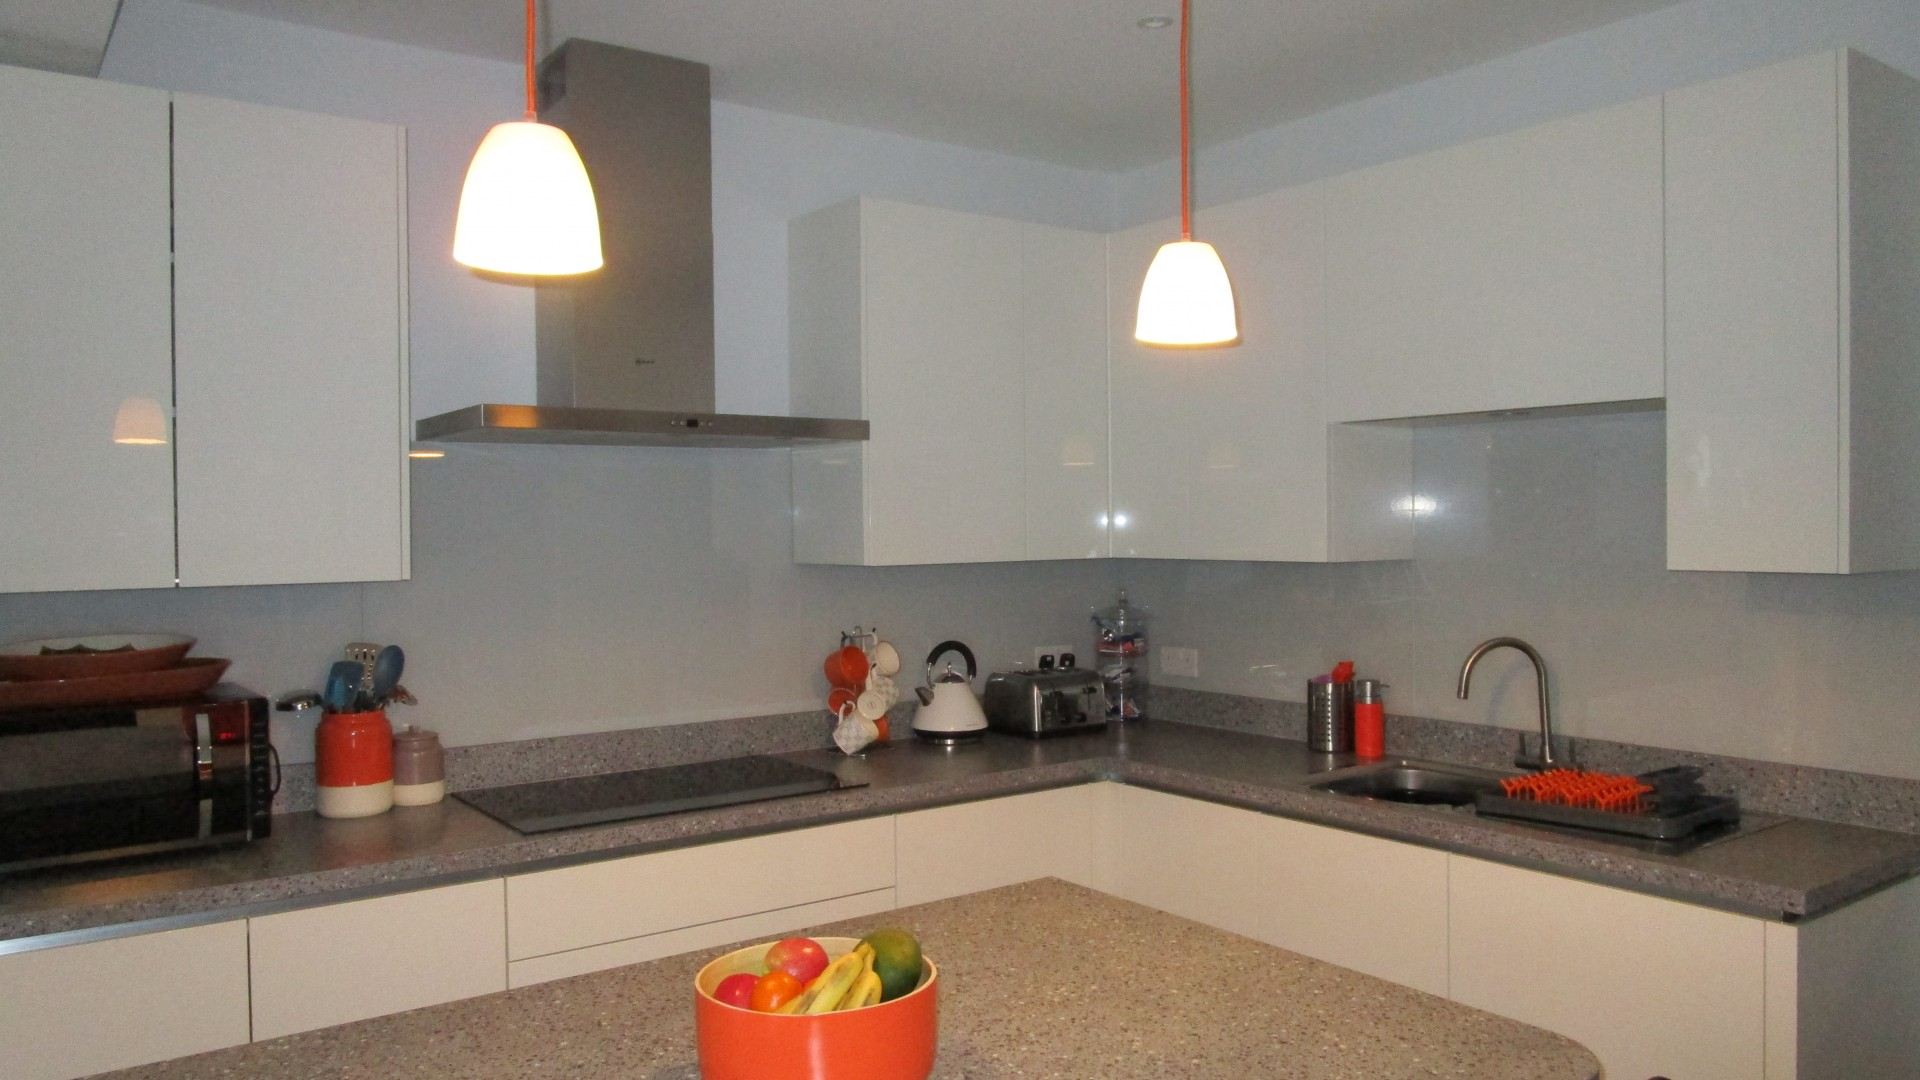 Modern German Kitchen Laminate Worktop, Bearsden - Aspire